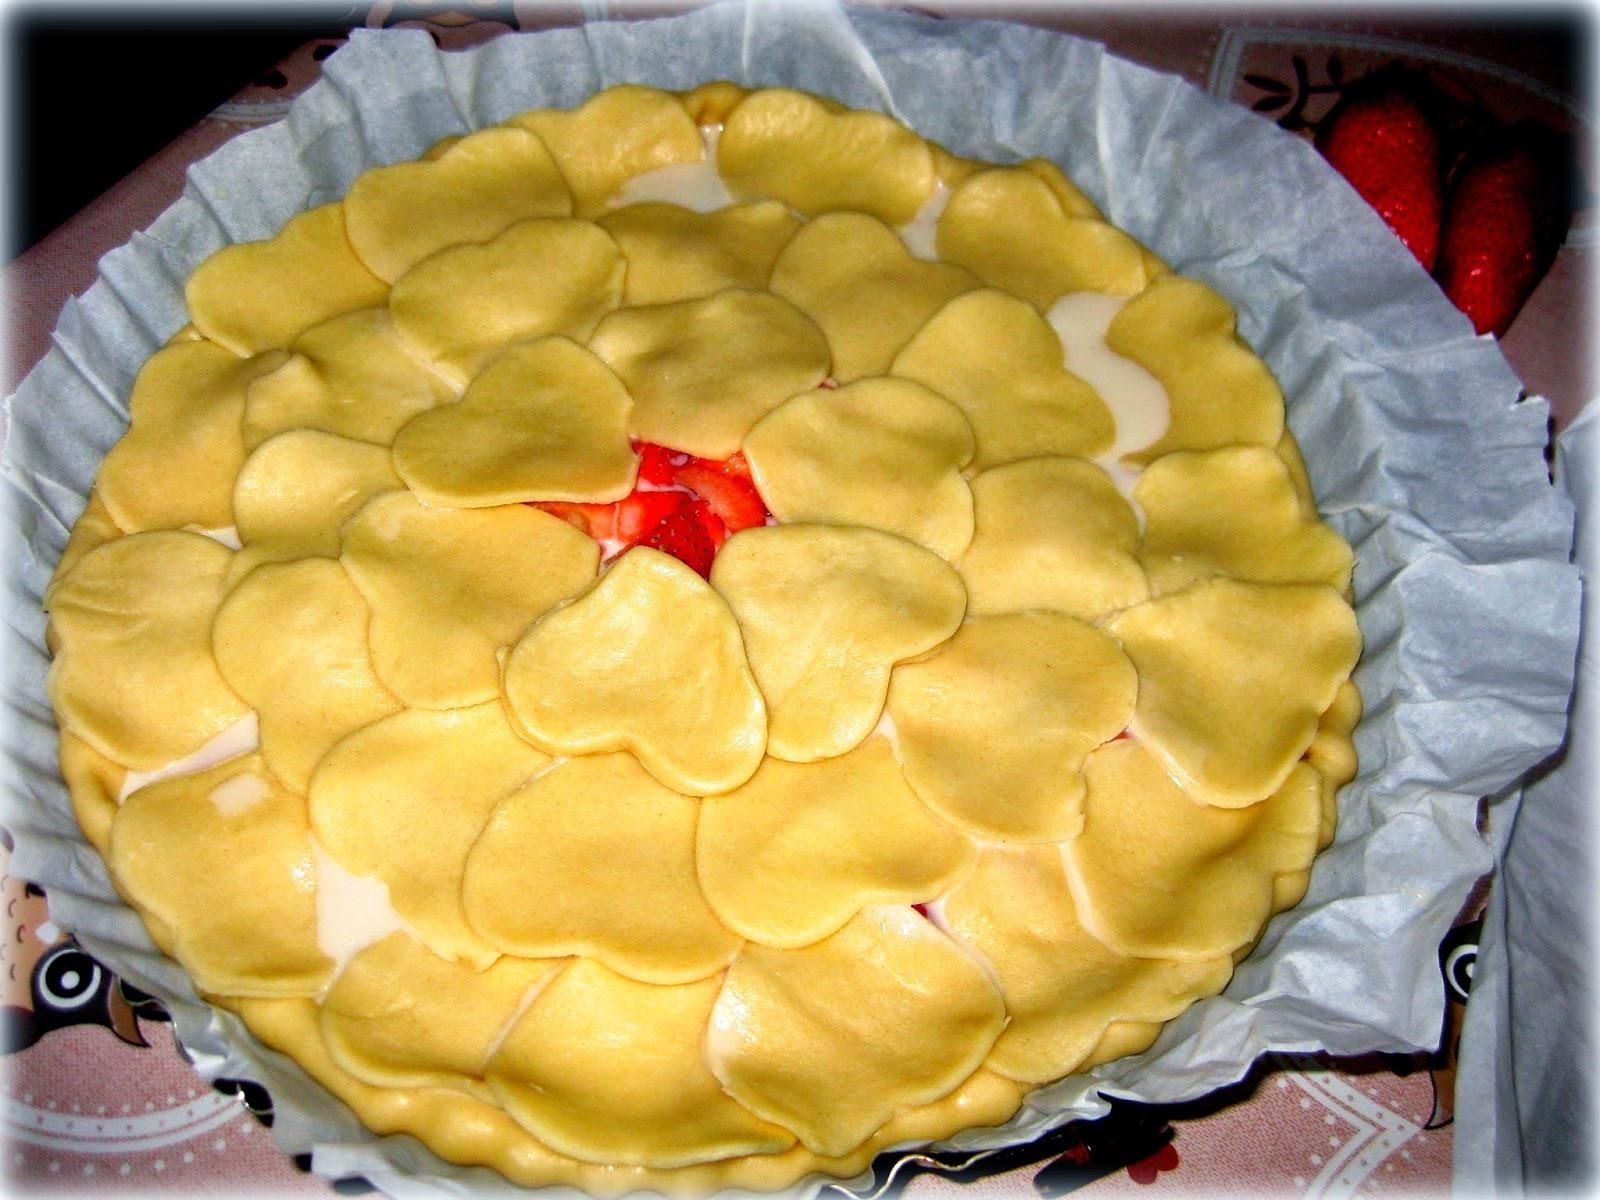 La ricetta della Crostata di Fragole e Pasta Frolla è veloce, facile da preparare e super golosa!